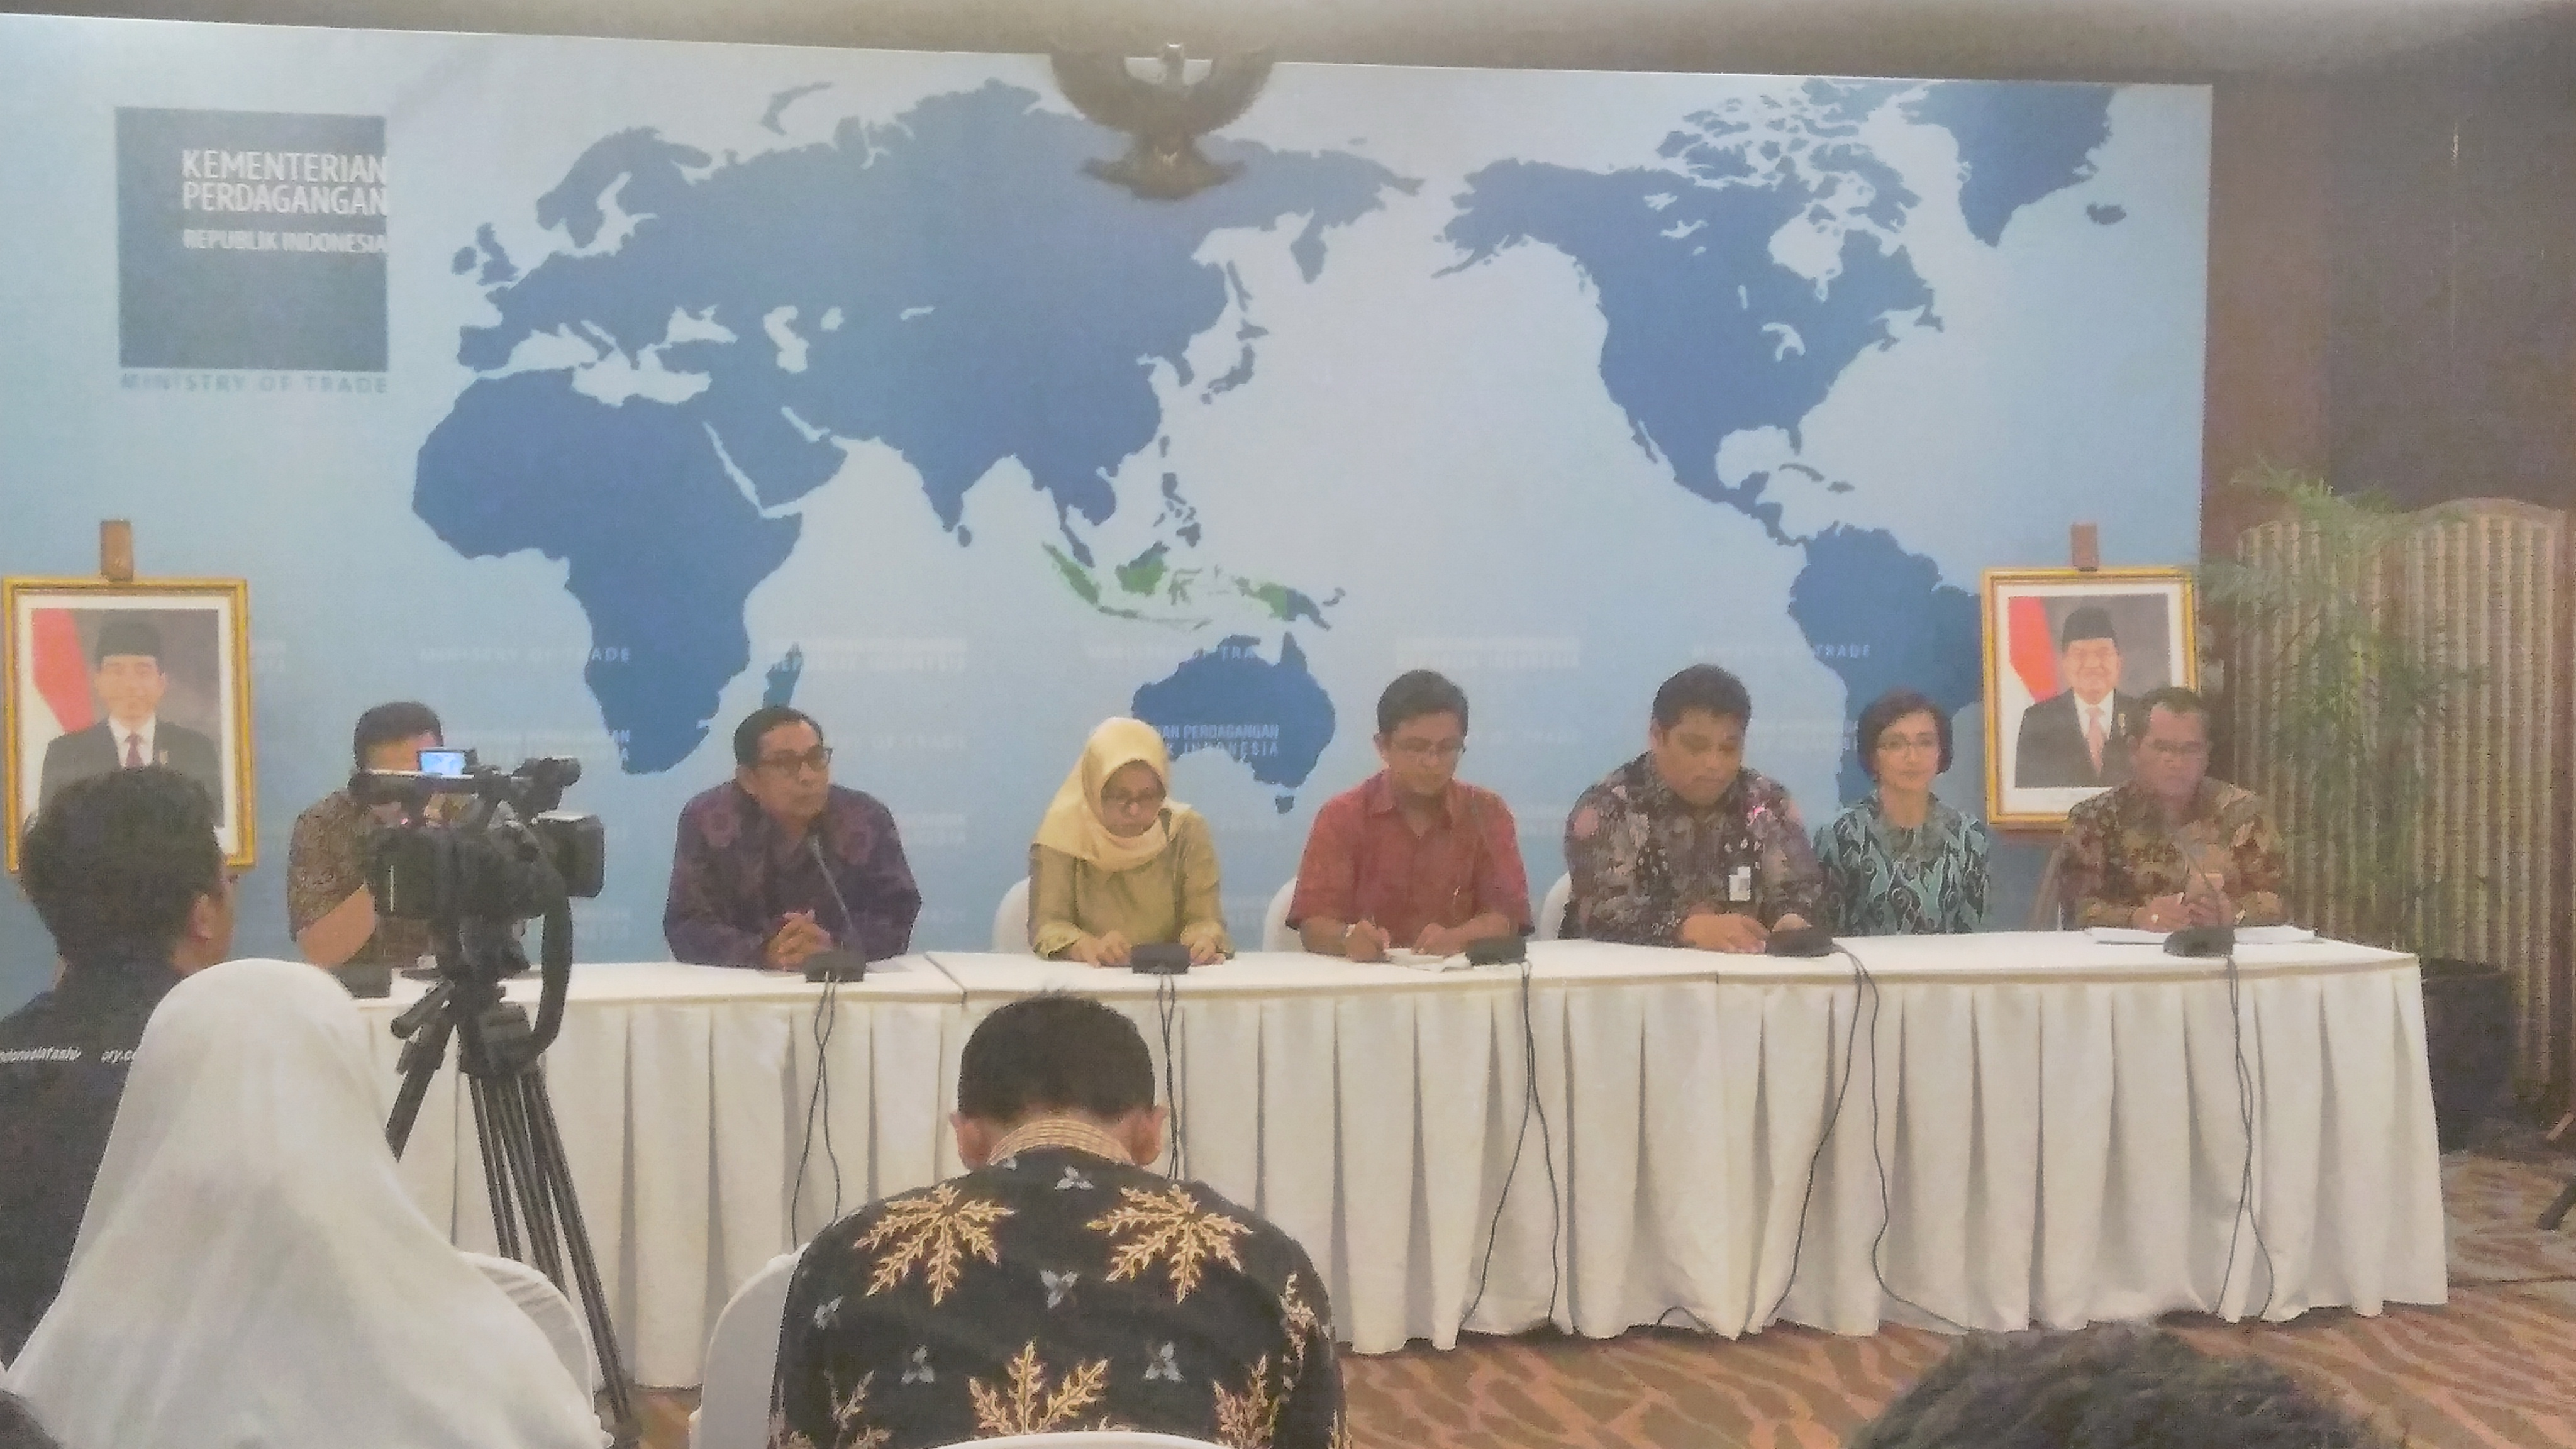 Berbagi pengalaman di depan wartawan dan blogger cara pengelolan pasar yang menerima Anugerah Pancawarna bagi pasar rakyat di Kementerian Perdagangan Jakarta (foto dok pribadi Nur Terbit)